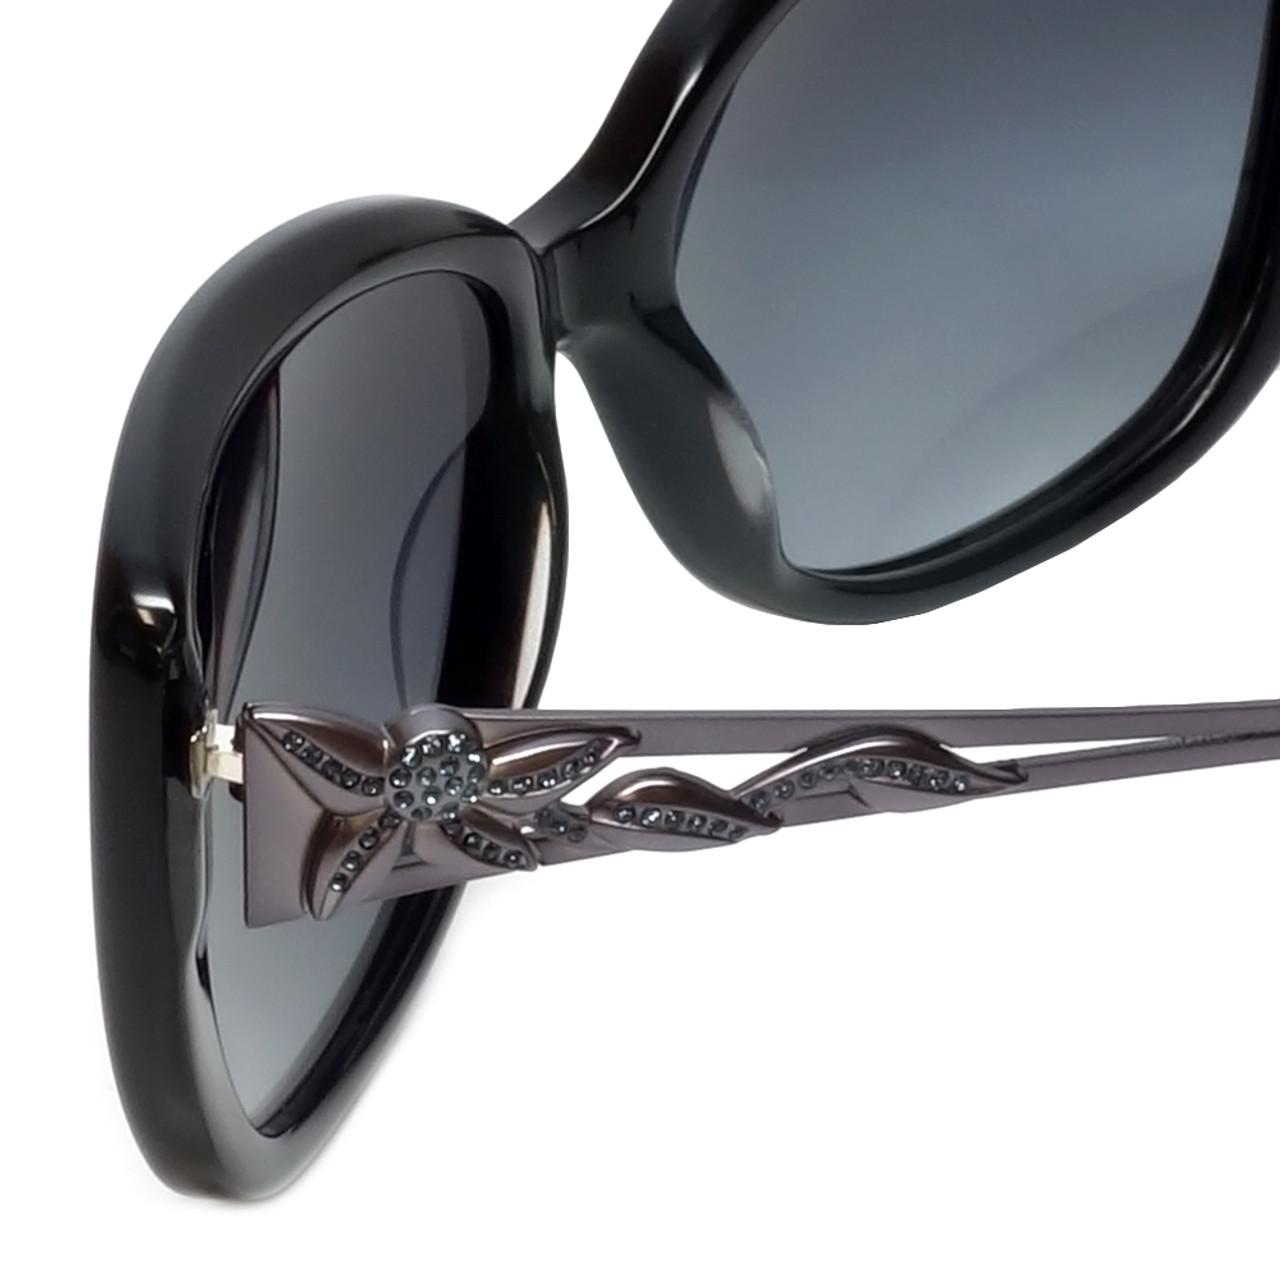 e46f5bf79b Judith Leiber Designer Sunglasses JL5009-01 in Onyx in Navy-Gradient Lens